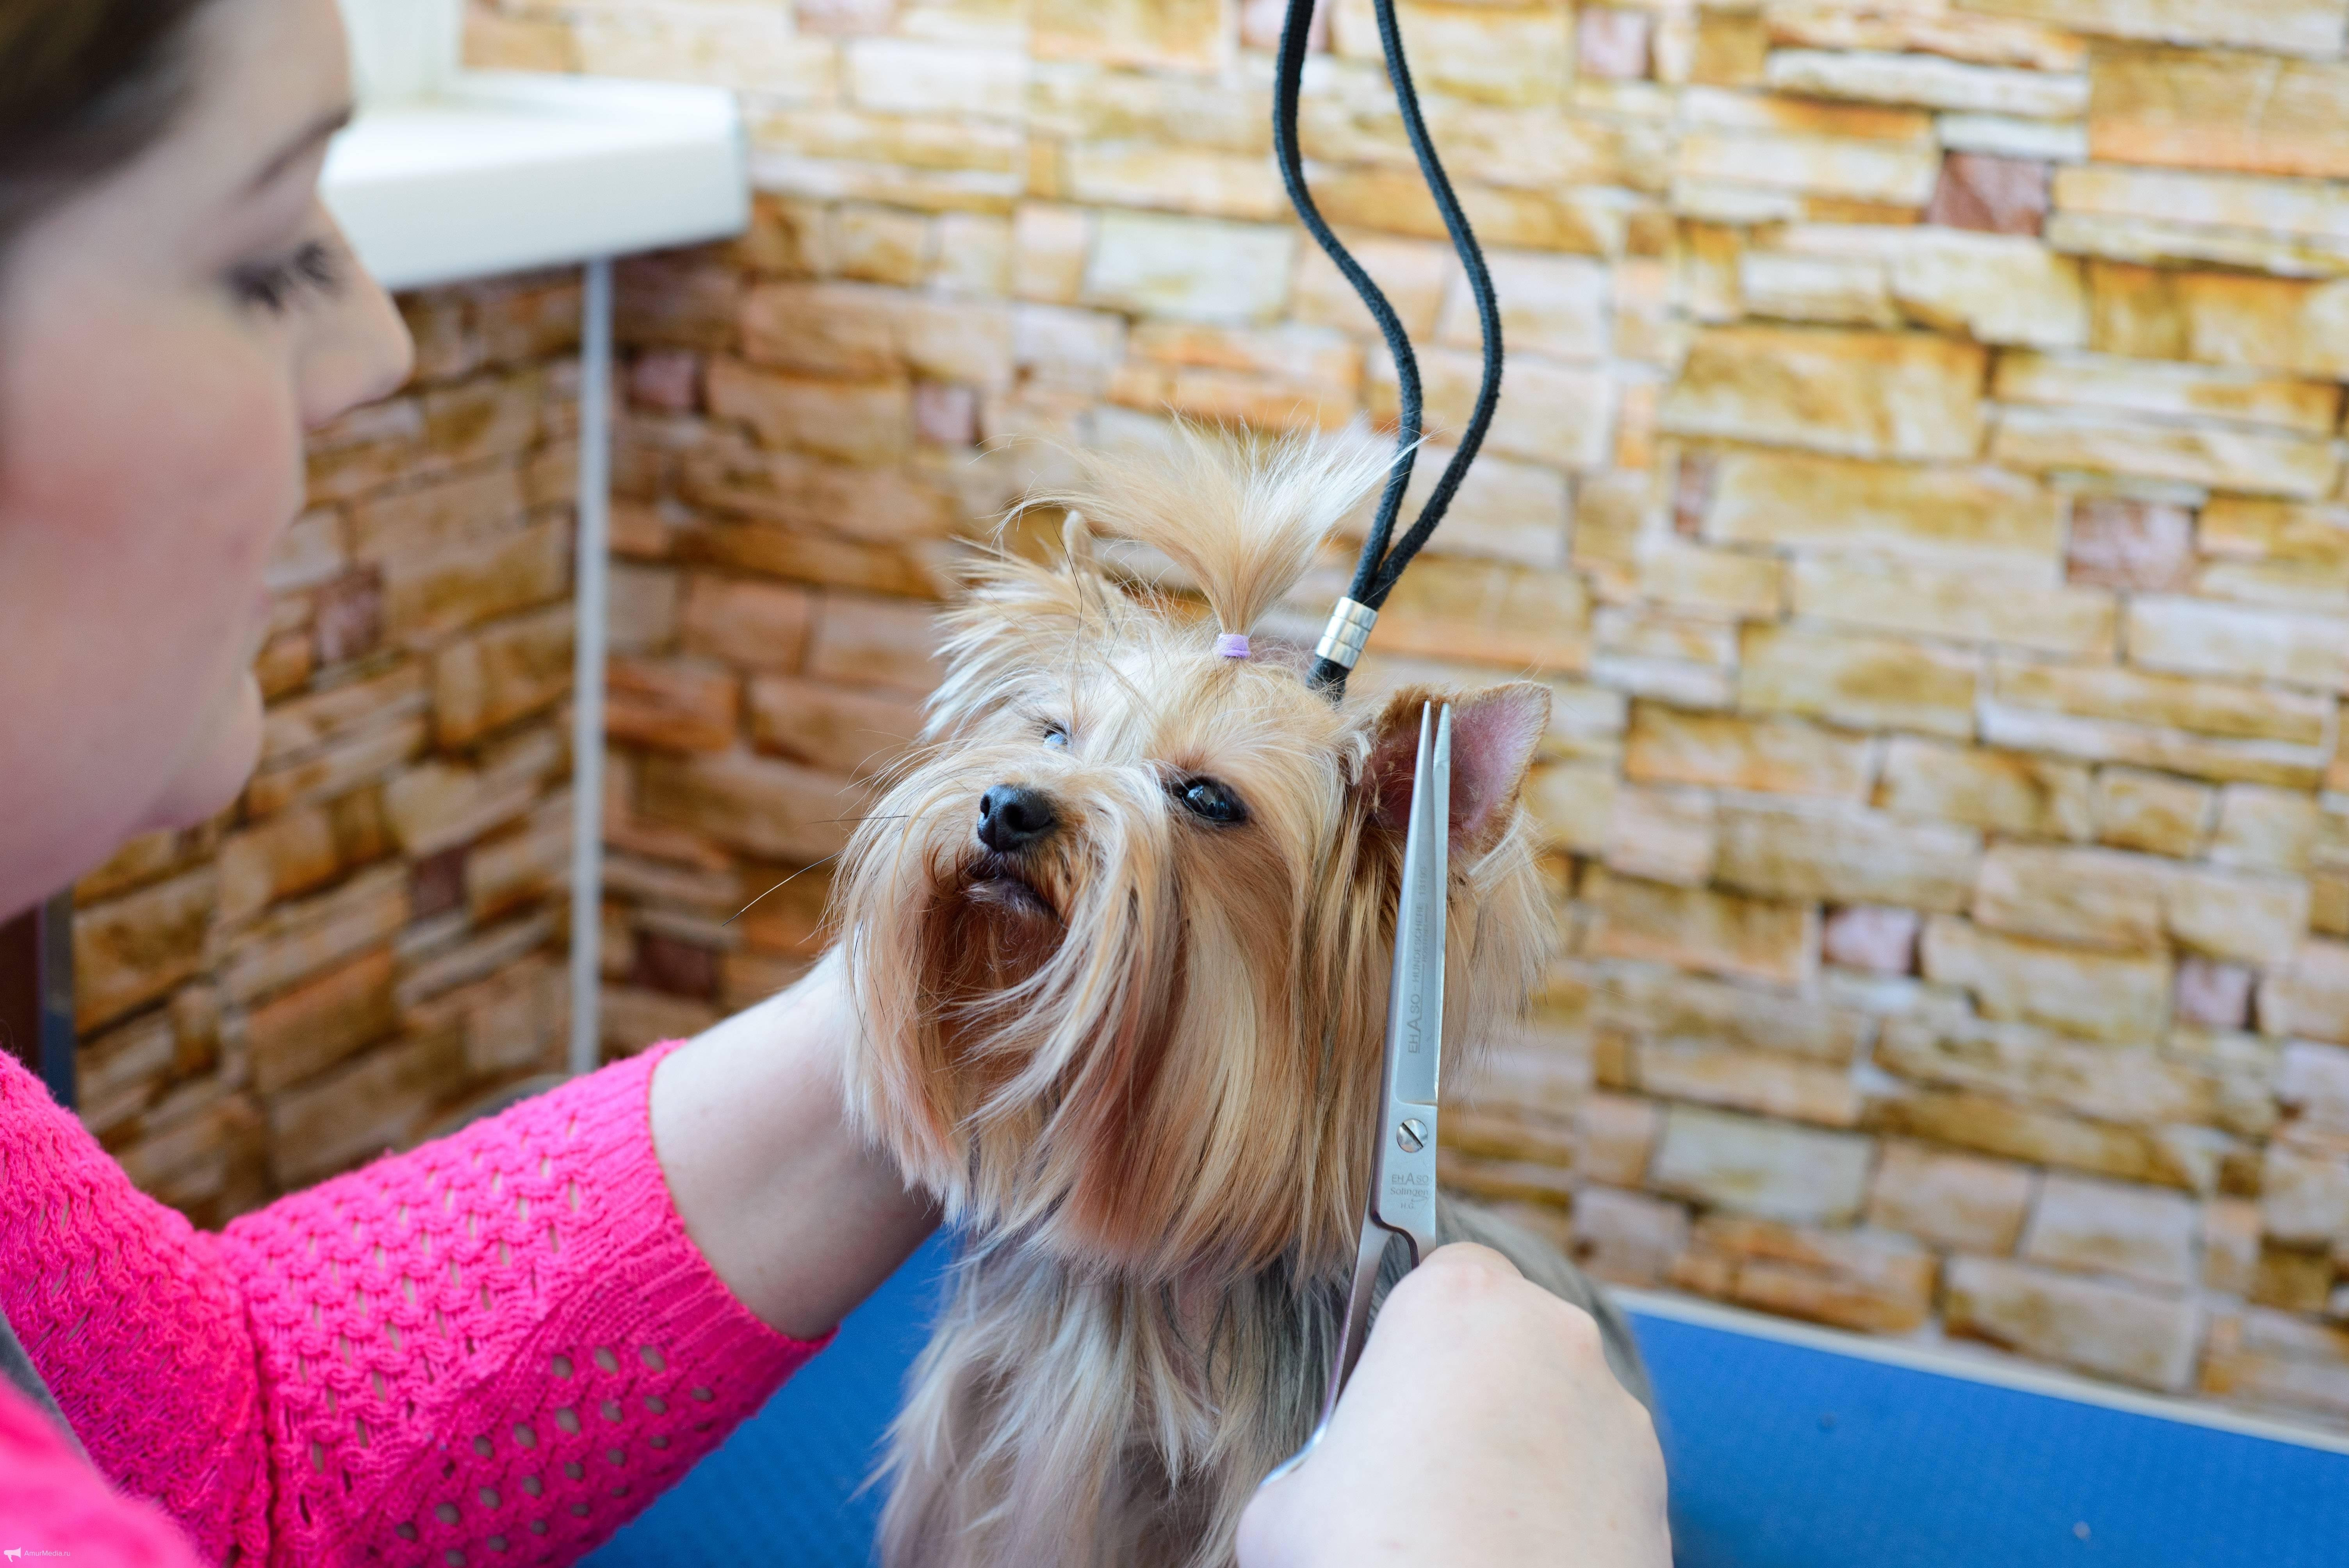 Профессии связанные с собаками: как называется дрессировщик собак? кто занимается стрижками? зачем нужен выгульщик? список профессий для девушек